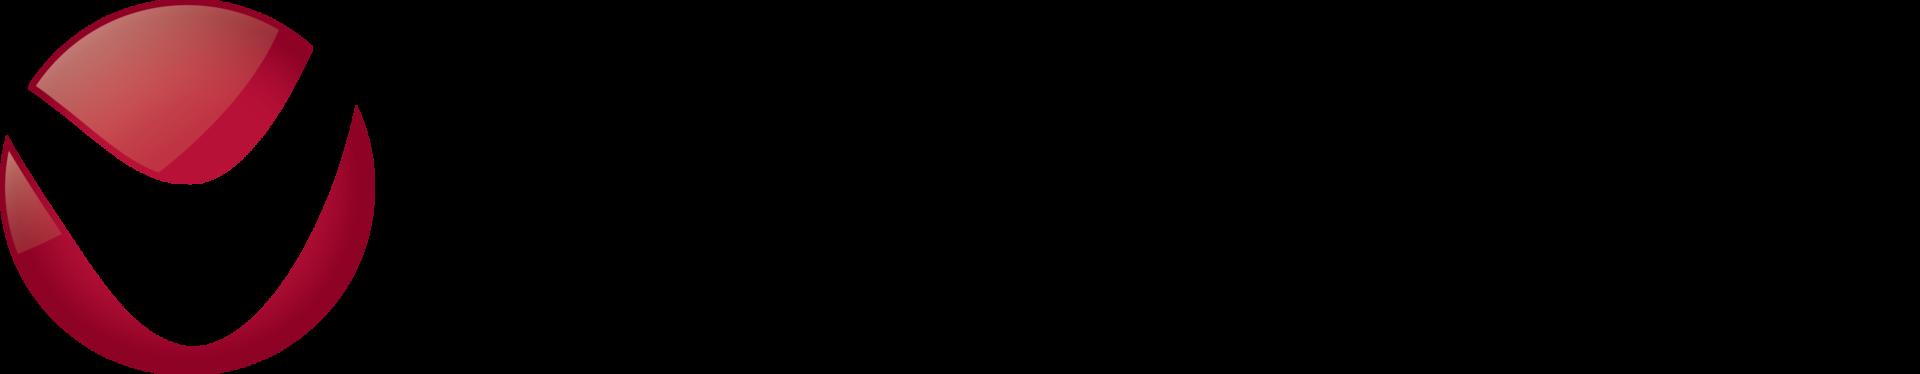 Virsage logo